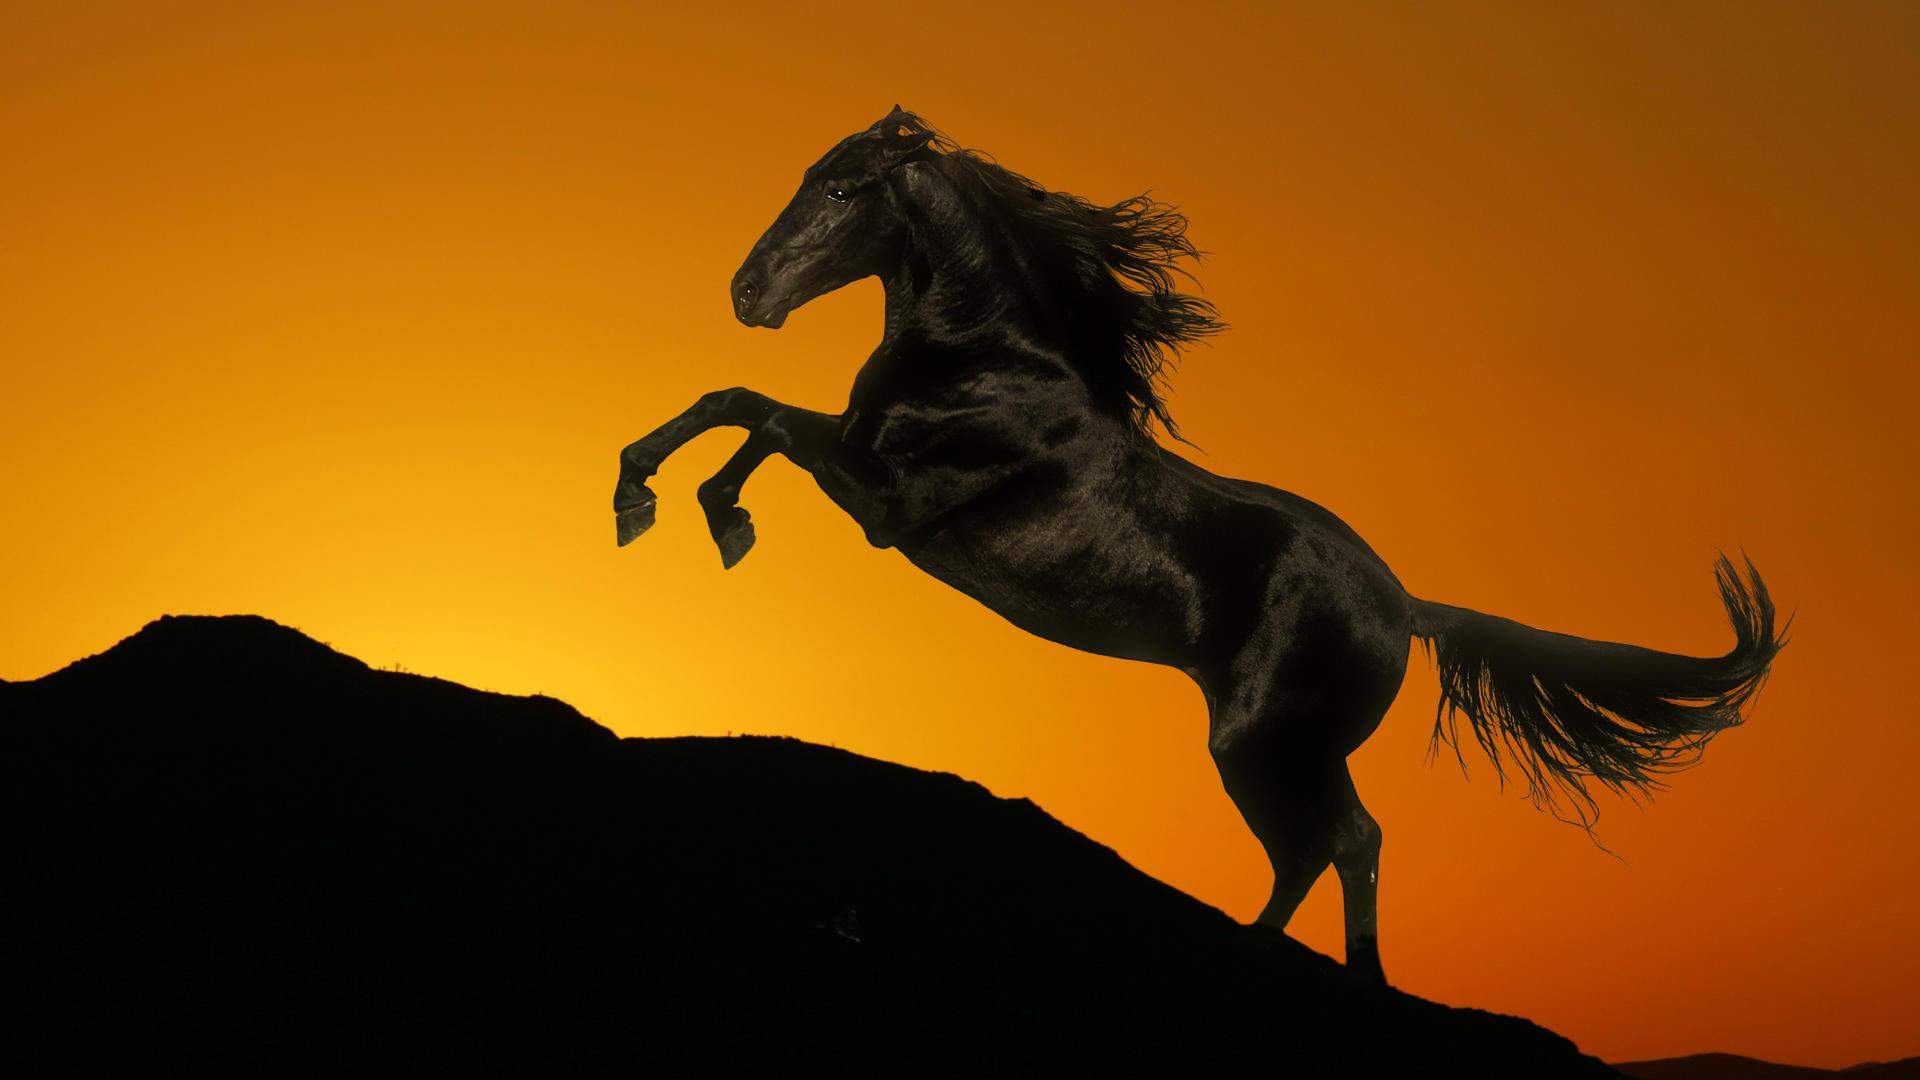 рисунок графика лошадь природа животные figure graphics horse nature animals  № 3925600 загрузить